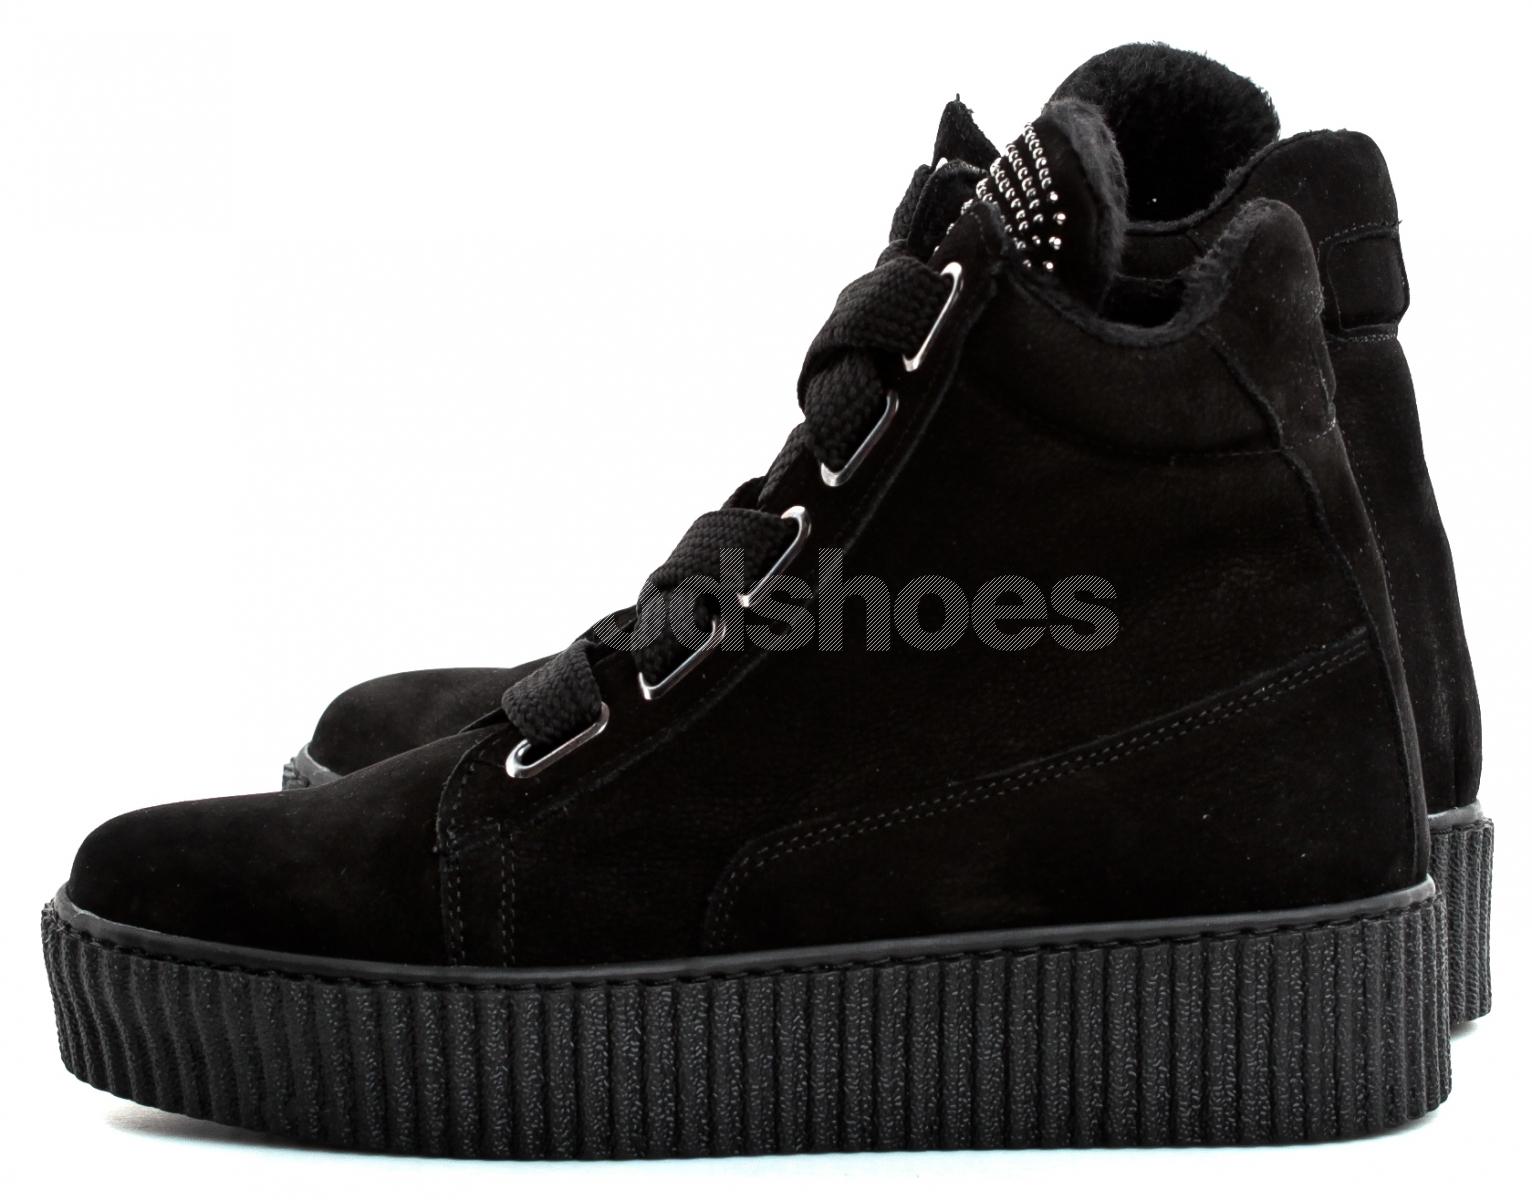 05657c44 Botki Damskie Venezia Czarne Skórzane 211112 BLACK - Goodshoes.pl